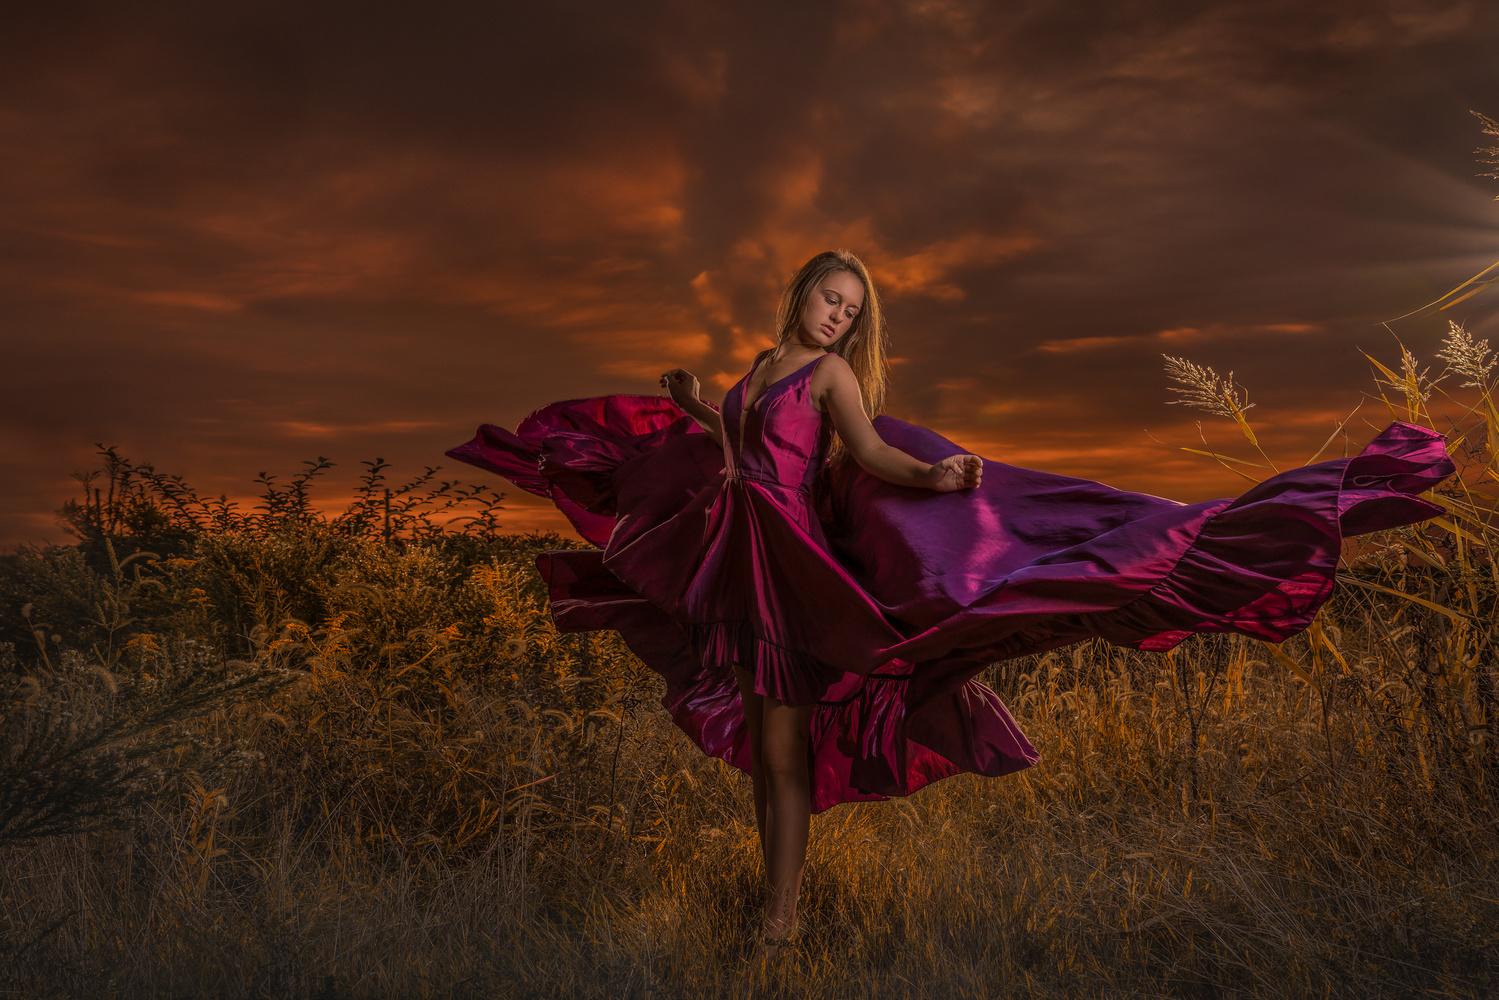 Flowing fabric by Dan Rowe